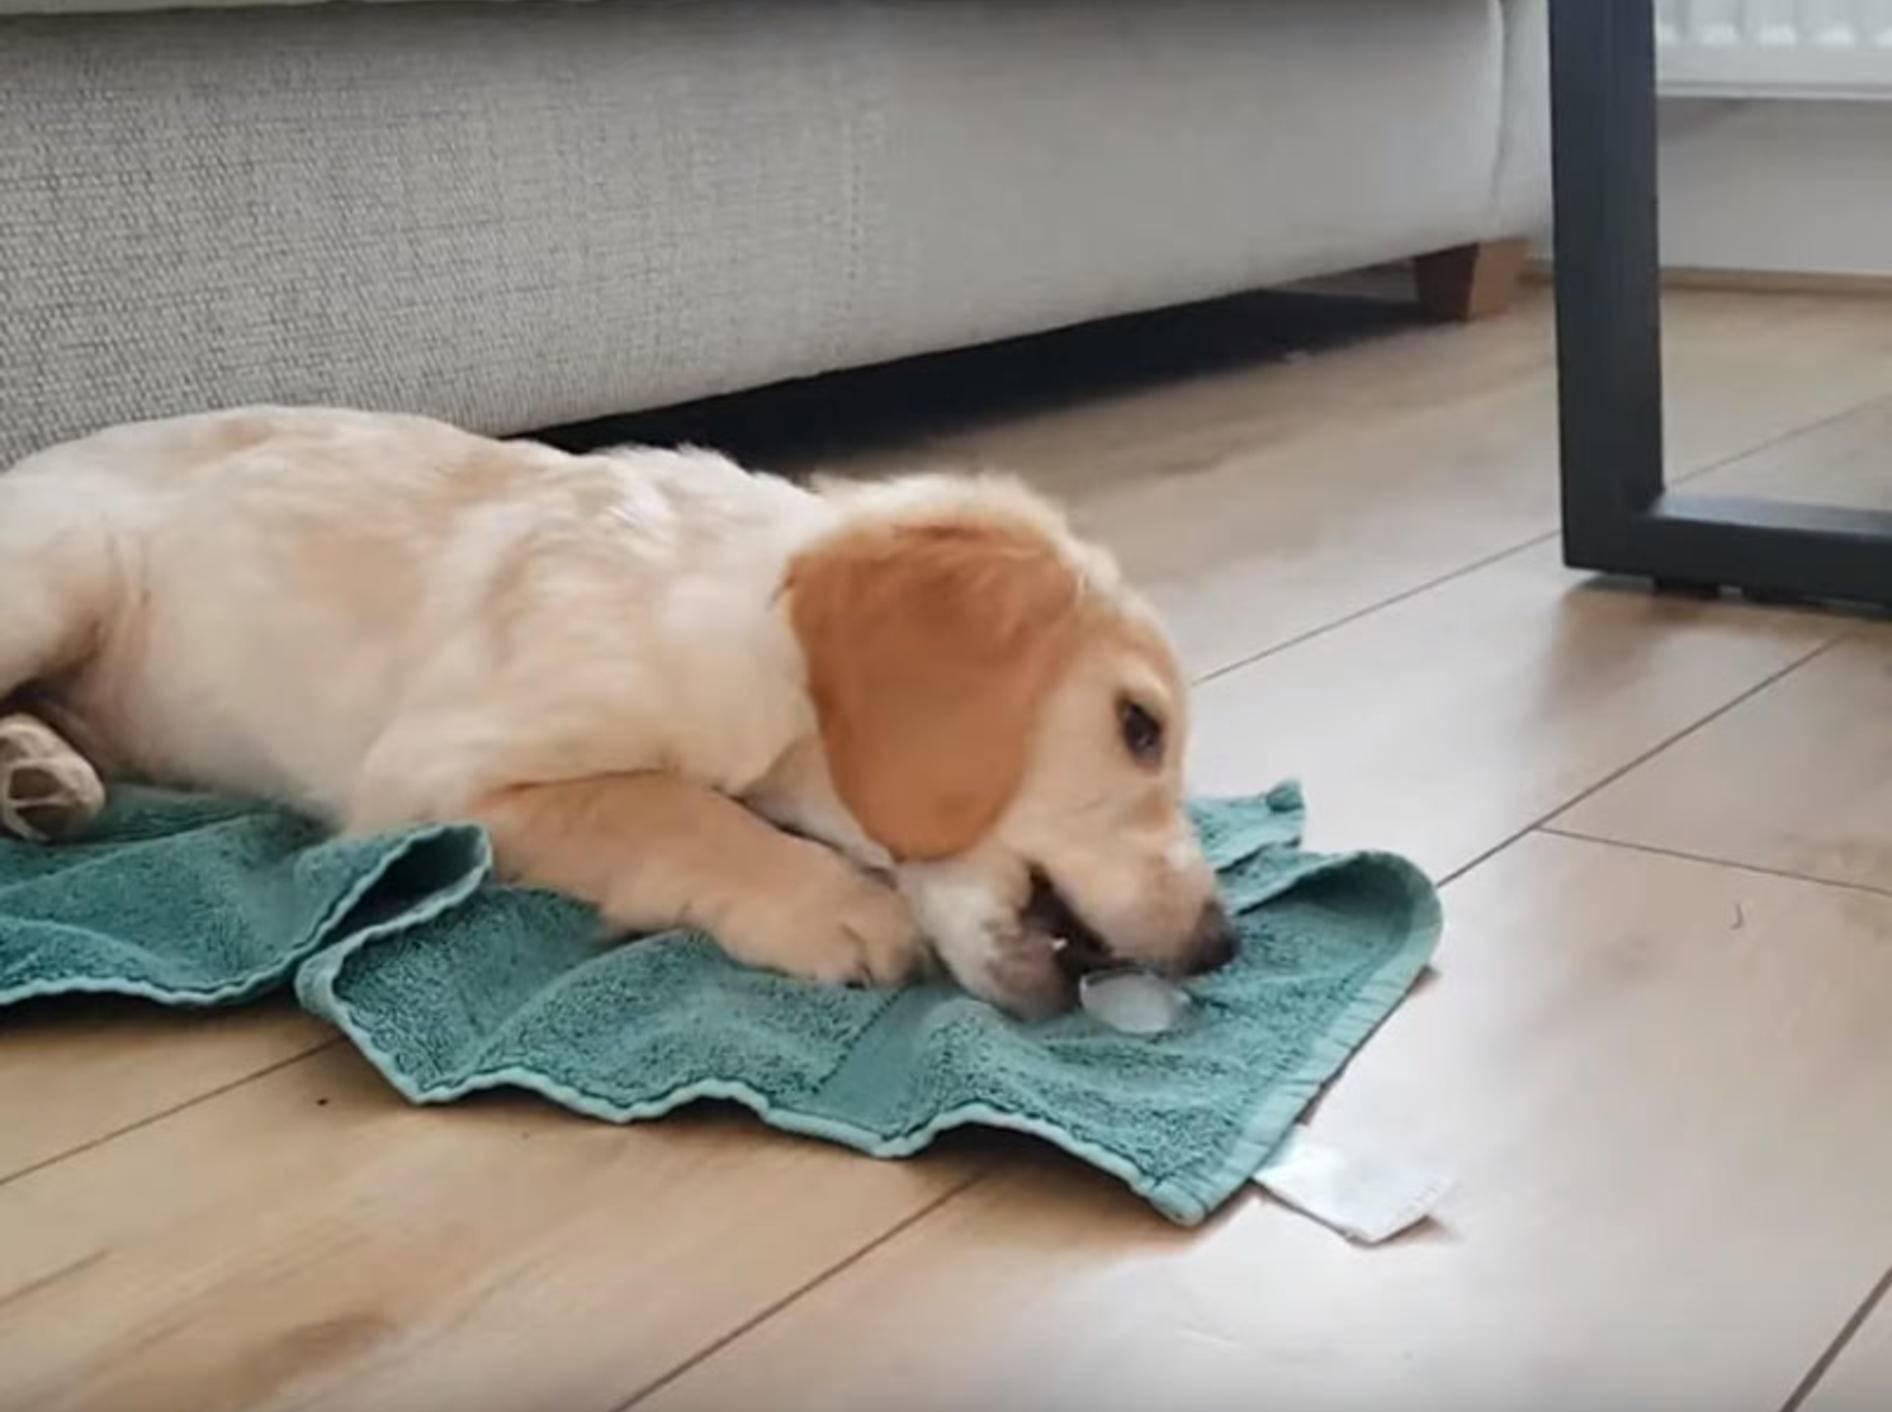 Dieser süße Welpe inspiziert ausgiebig einen Eiswürfel - Bild: YouTube / Rumble Viral